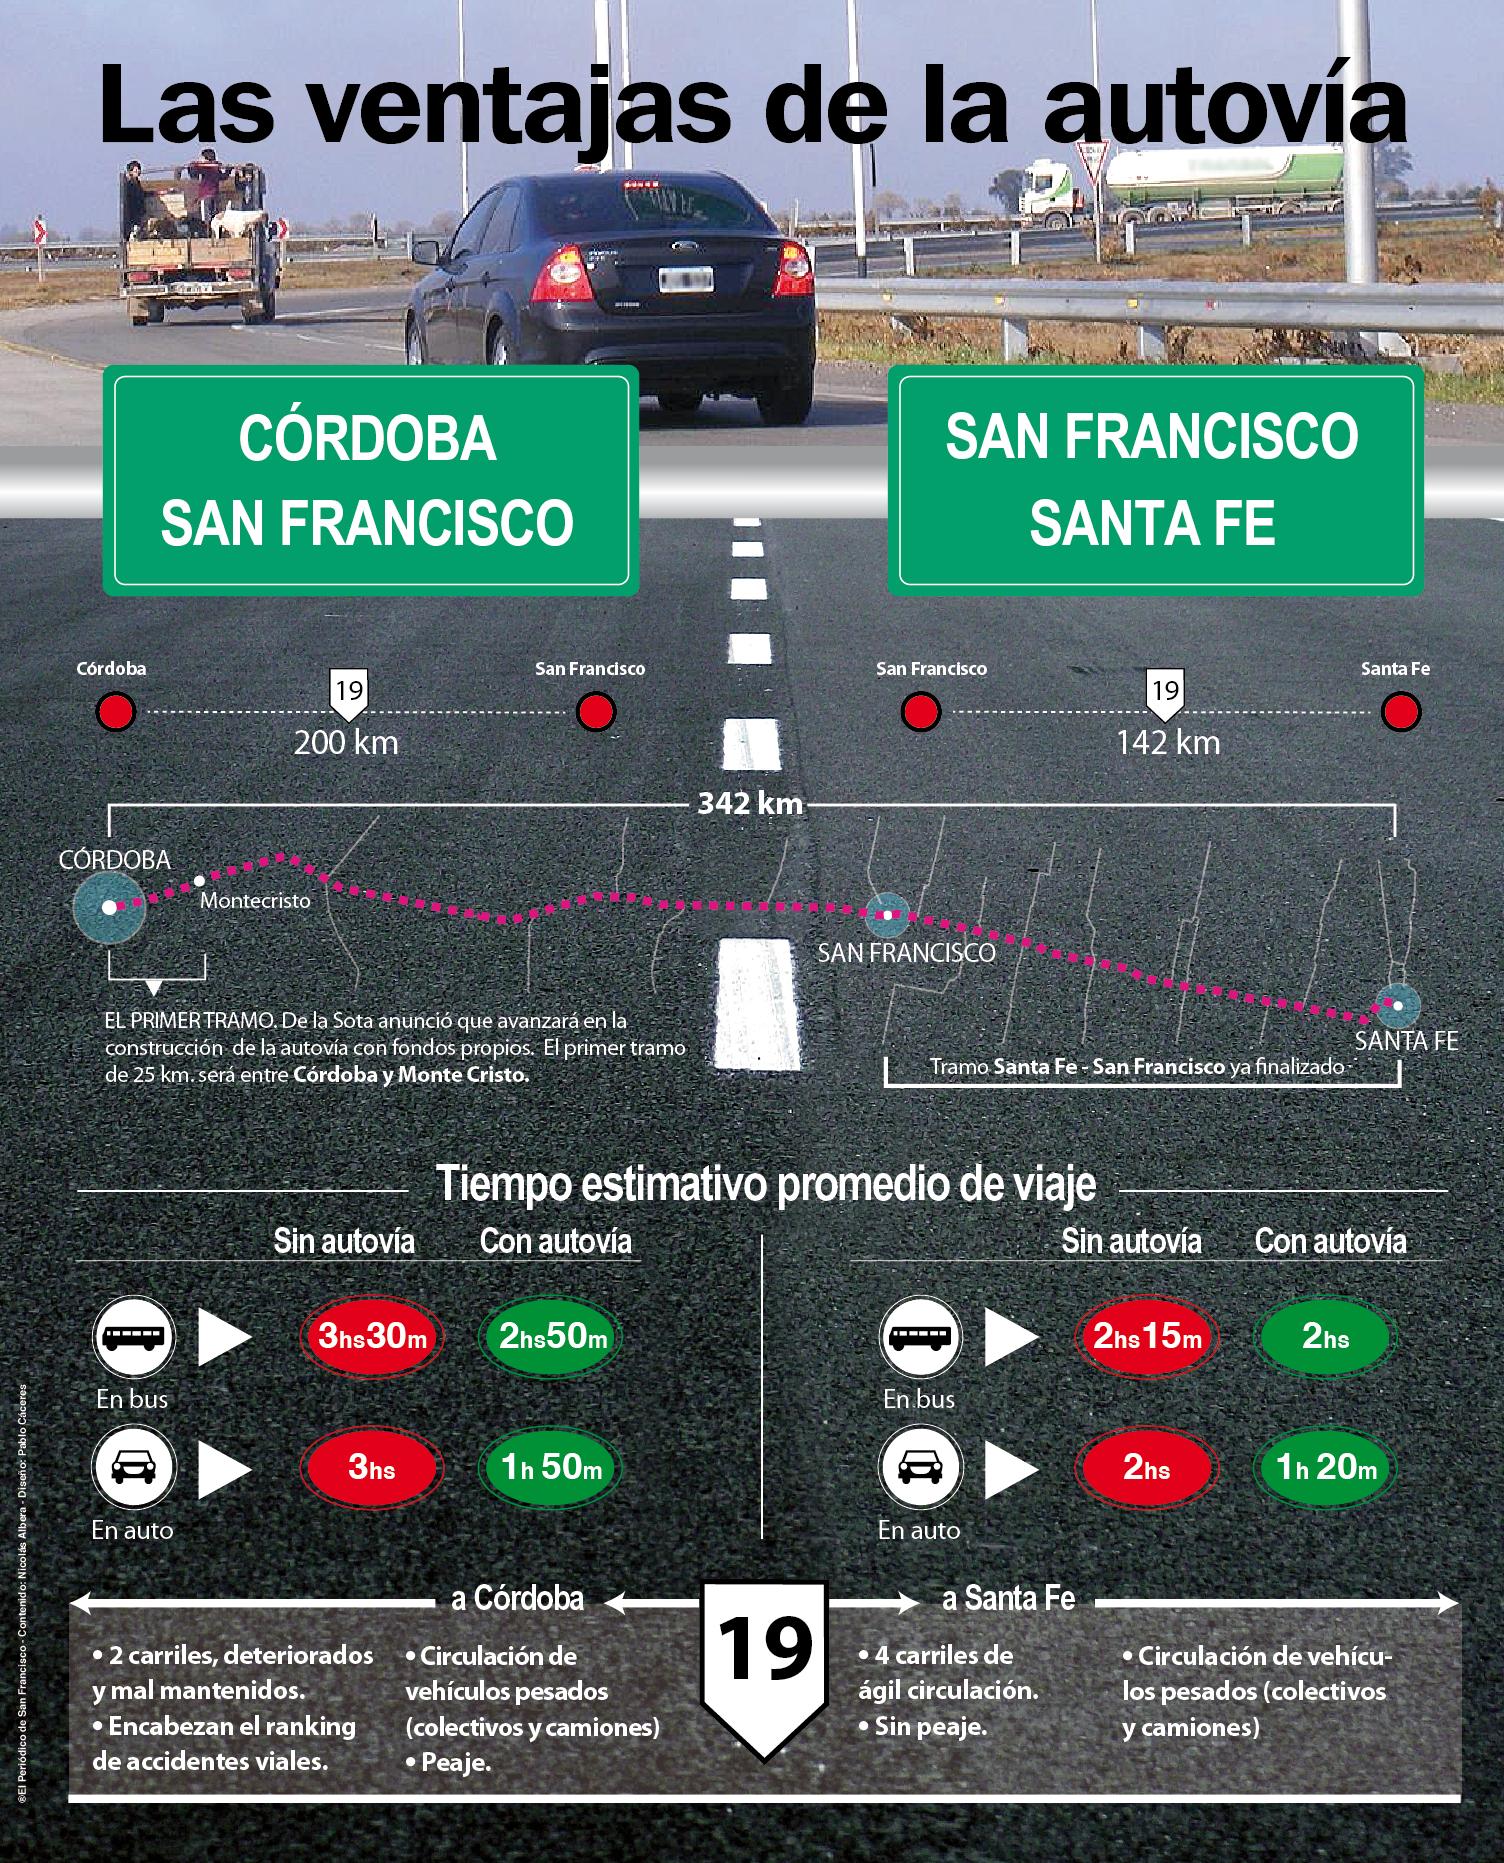 Infografía sobre la Autovía Córdoba - Santa Fe. Publicada el domingo 15 de julio en El Periódico de San Francisco